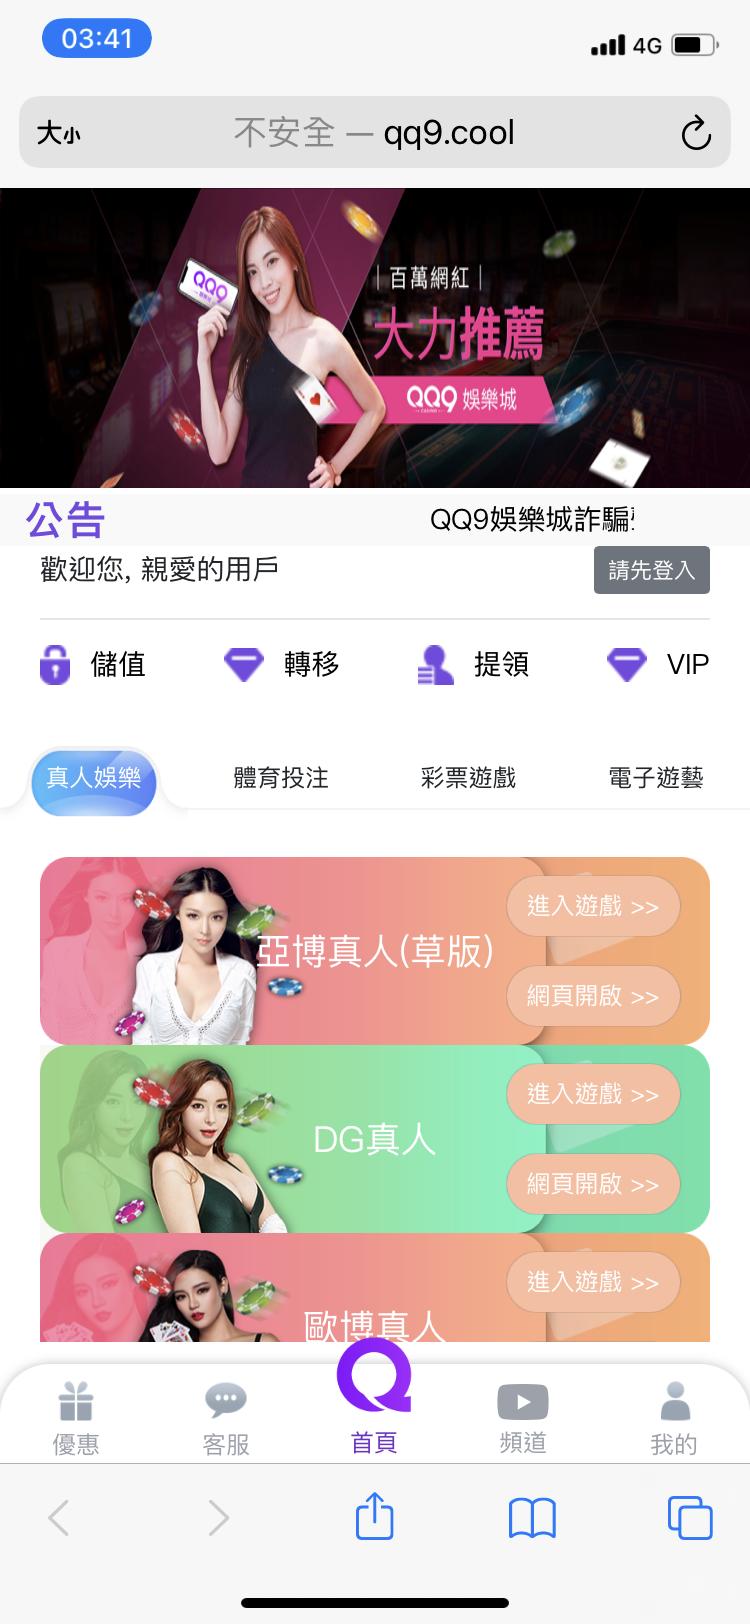 那天看到Diss博弈推薦QQ9娛樂城